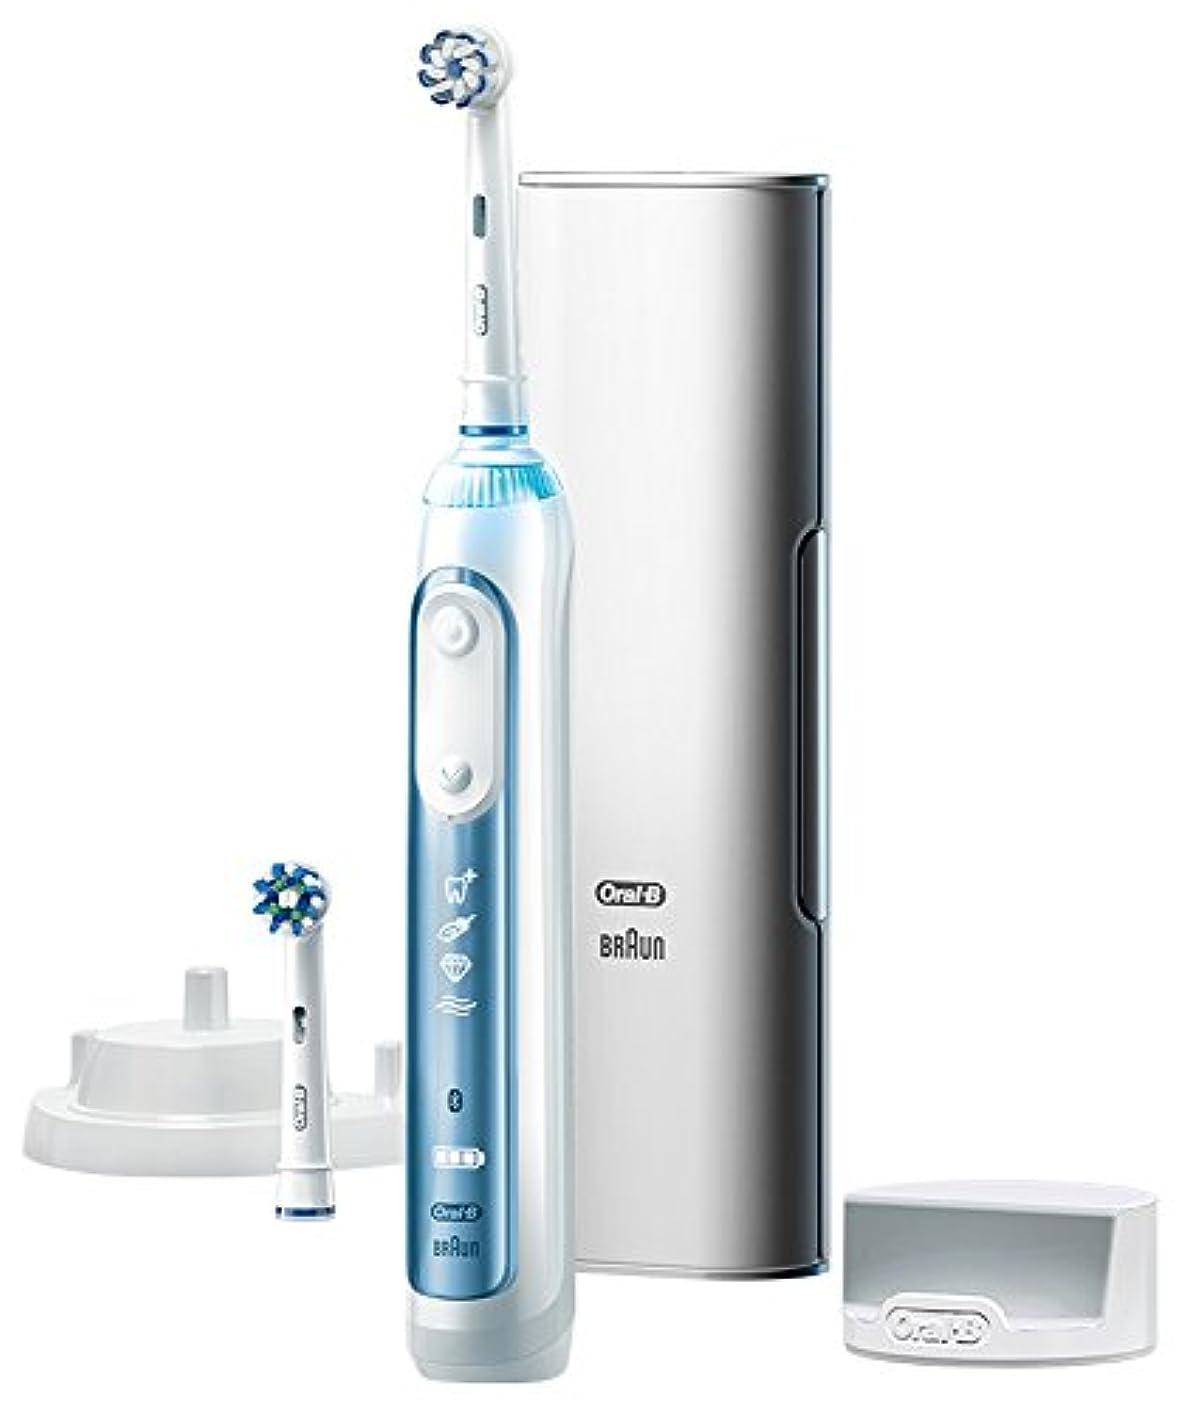 コメントおめでとう息を切らしてブラウン オーラルB 電動歯ブラシ スマート7000 D7005245XP D7005245XP